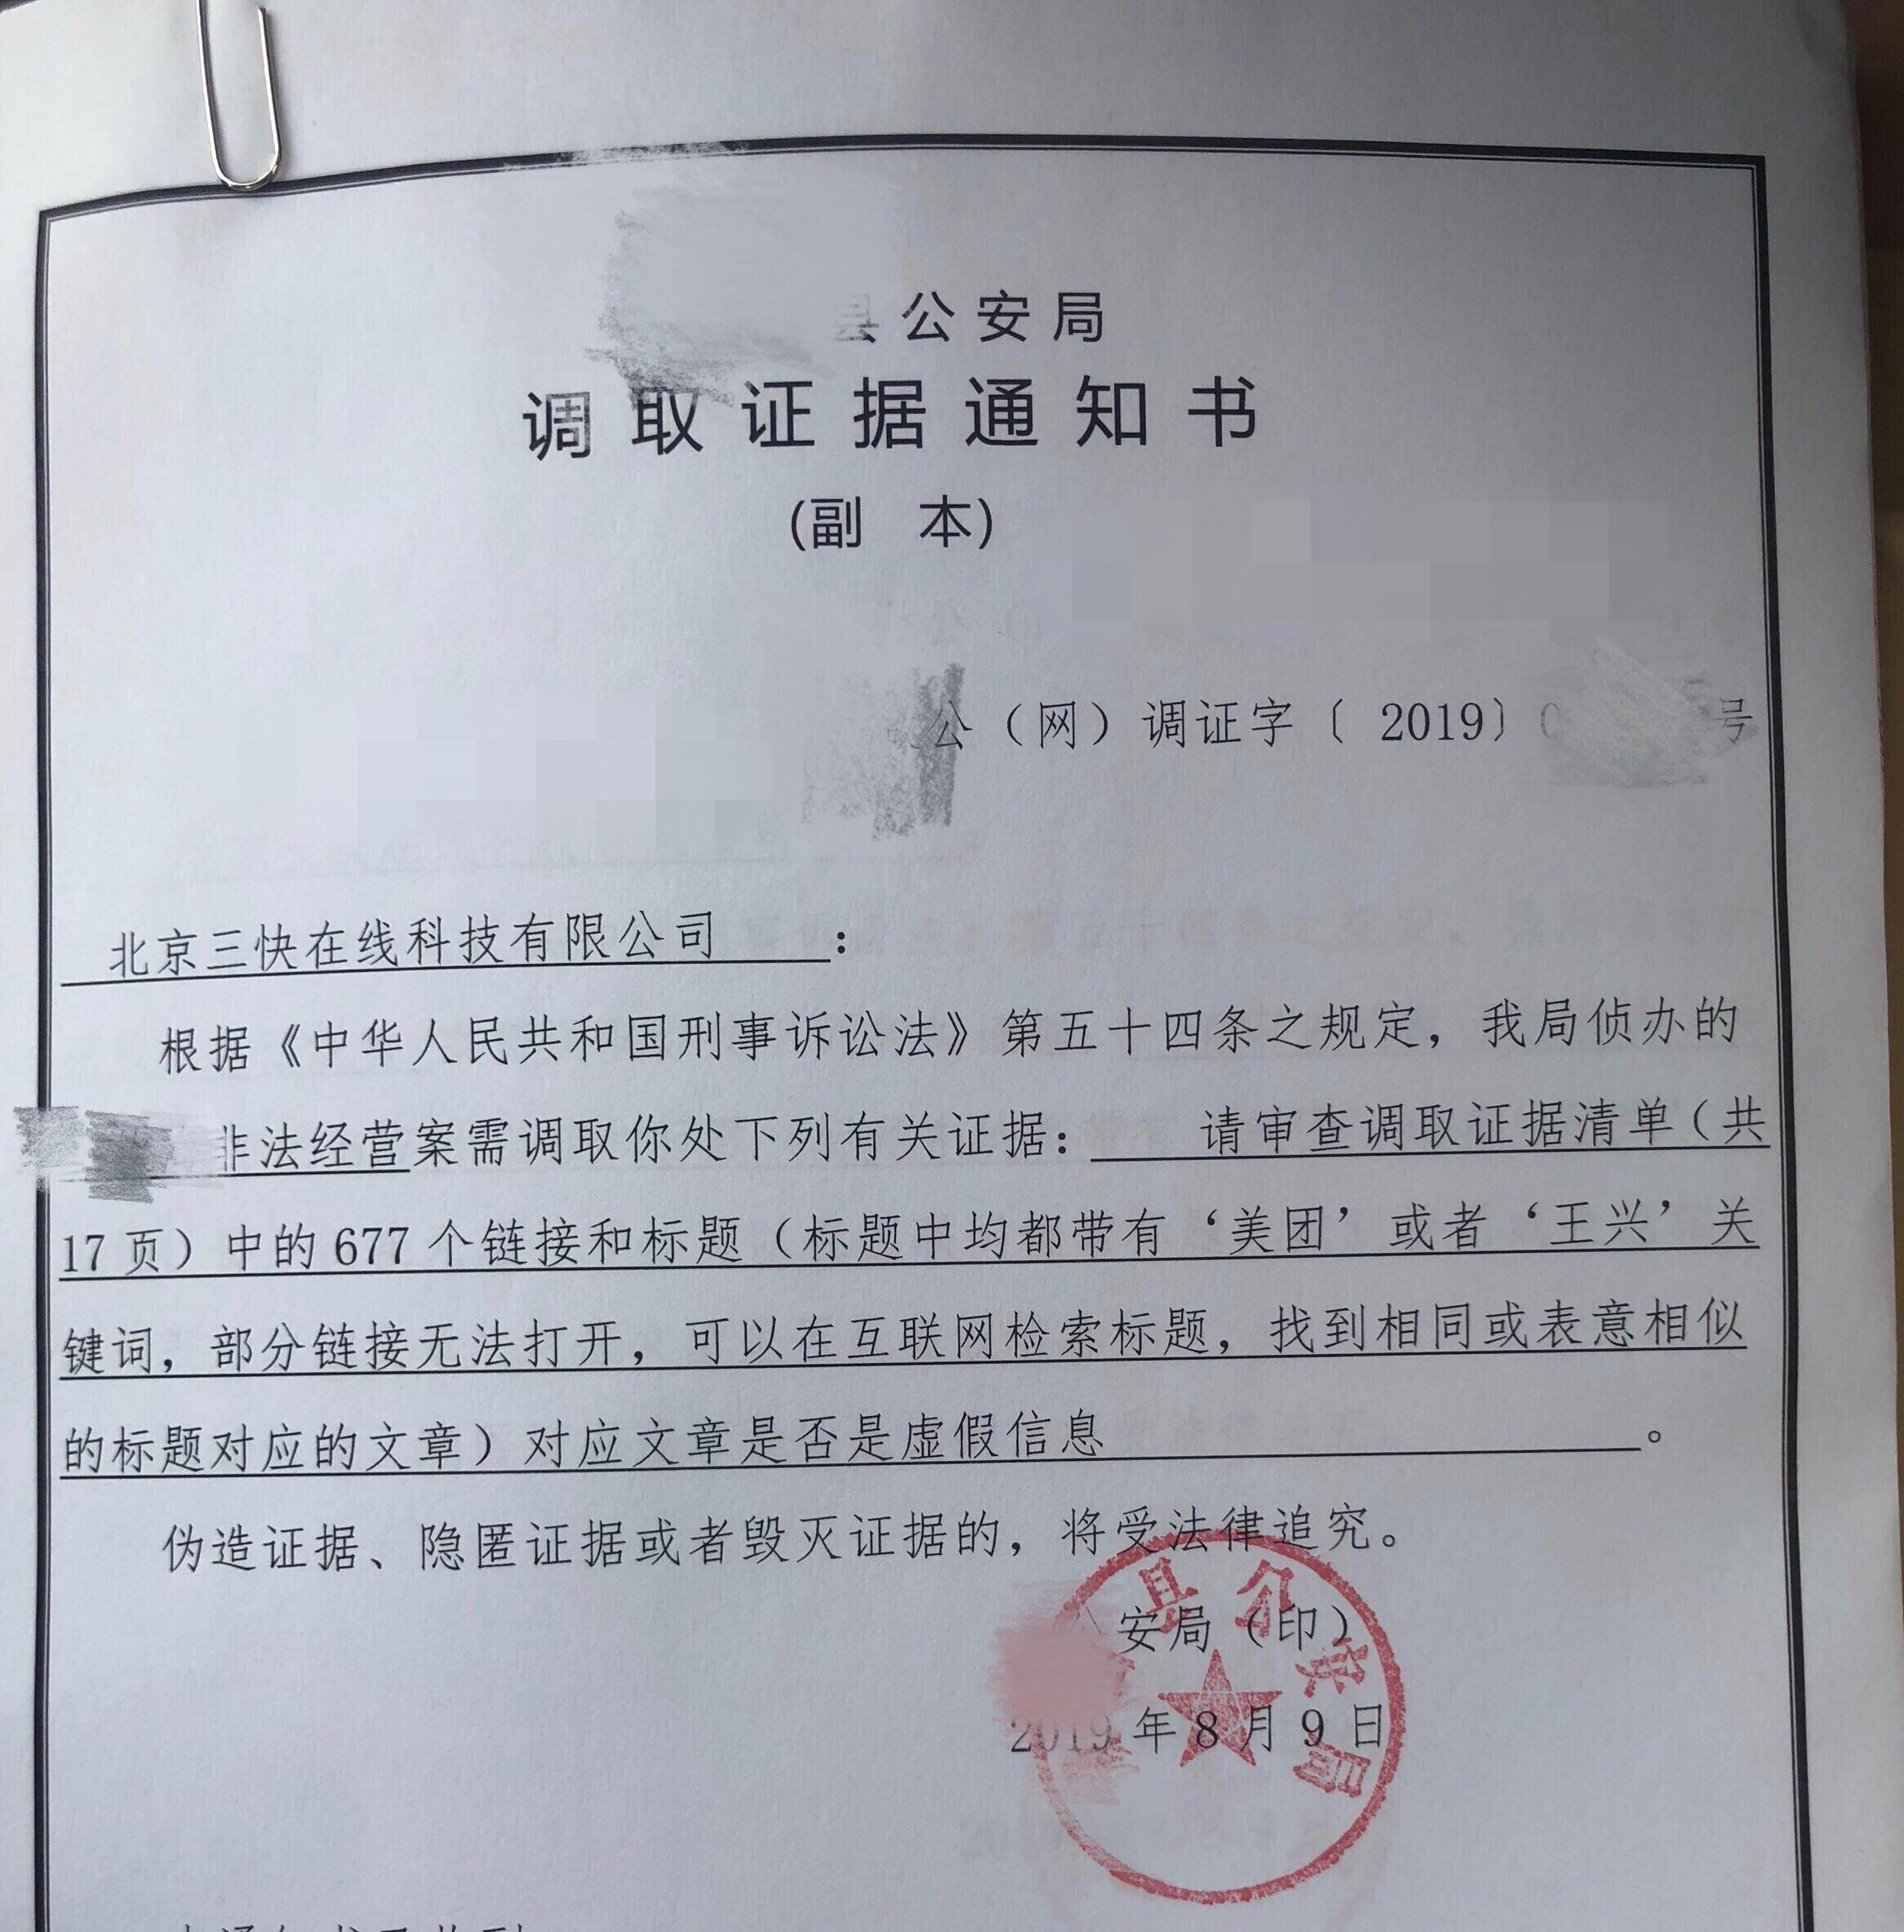 发布美团王兴黑稿200元一篇 黑公关被批捕